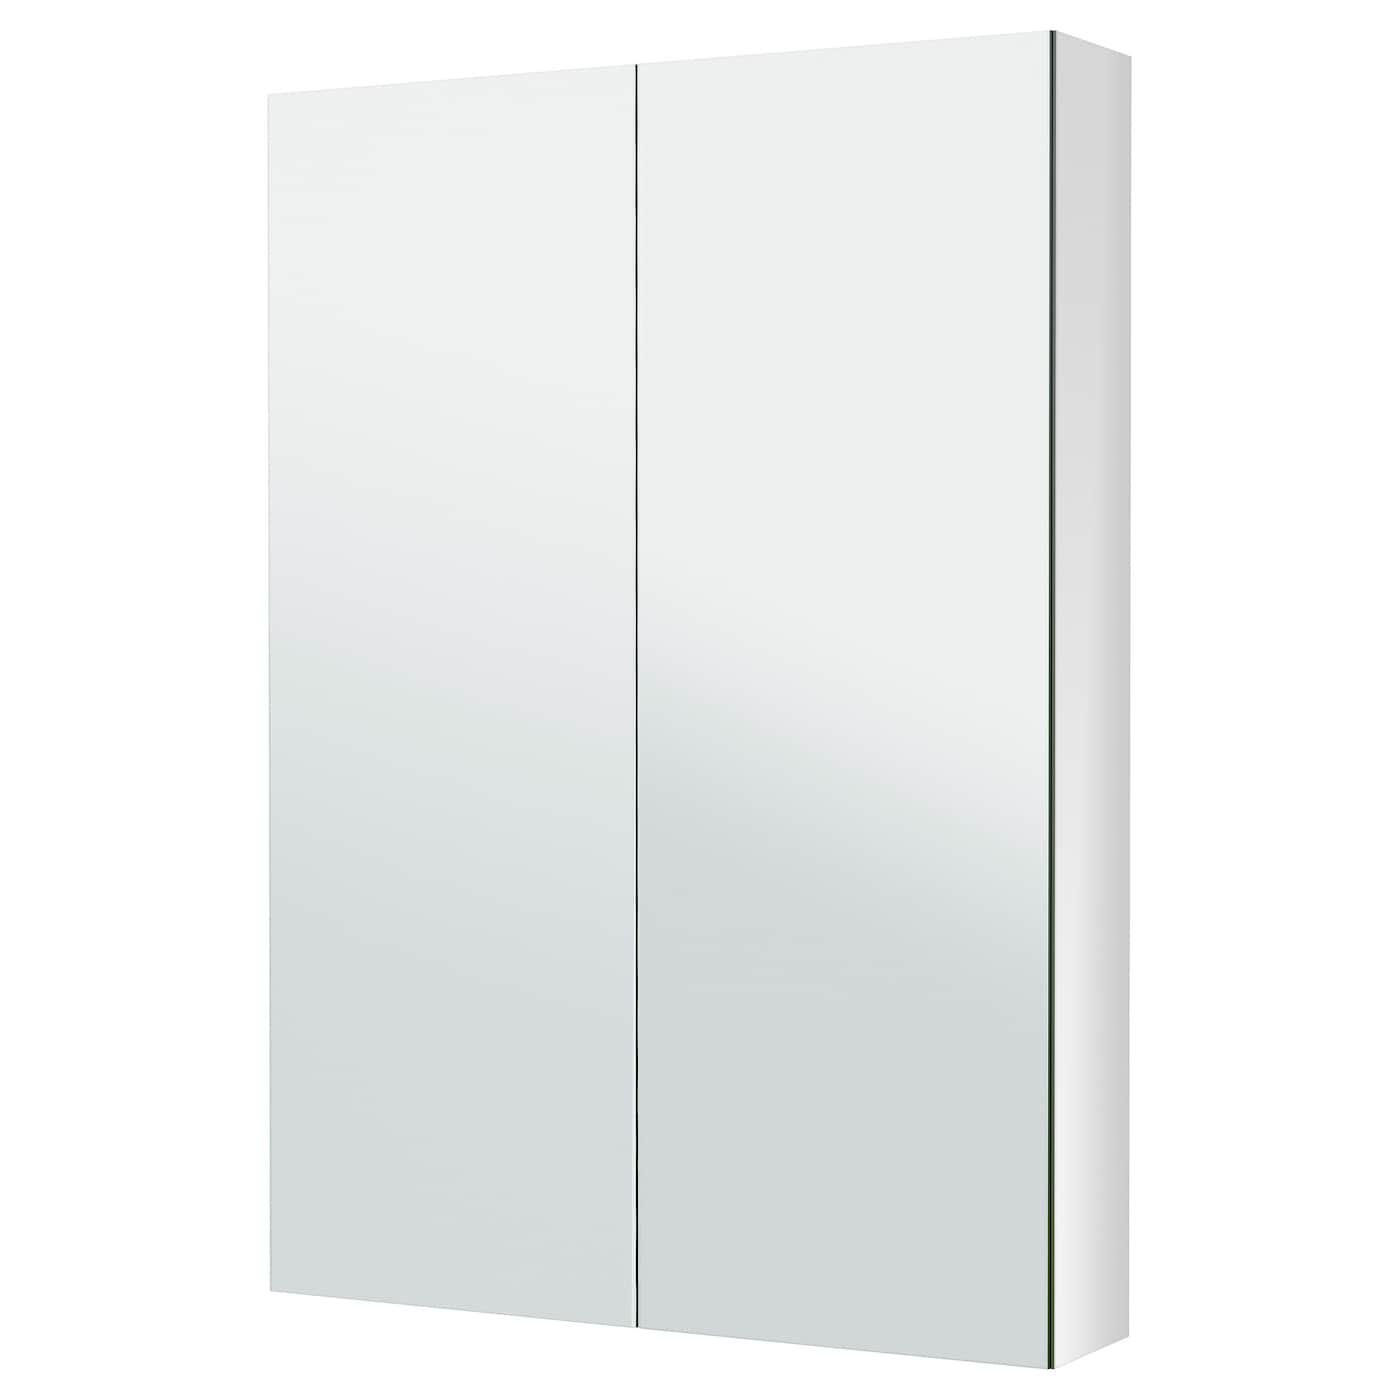 LILLÅNGEN Spiegelschrank 2 Türen - IKEA